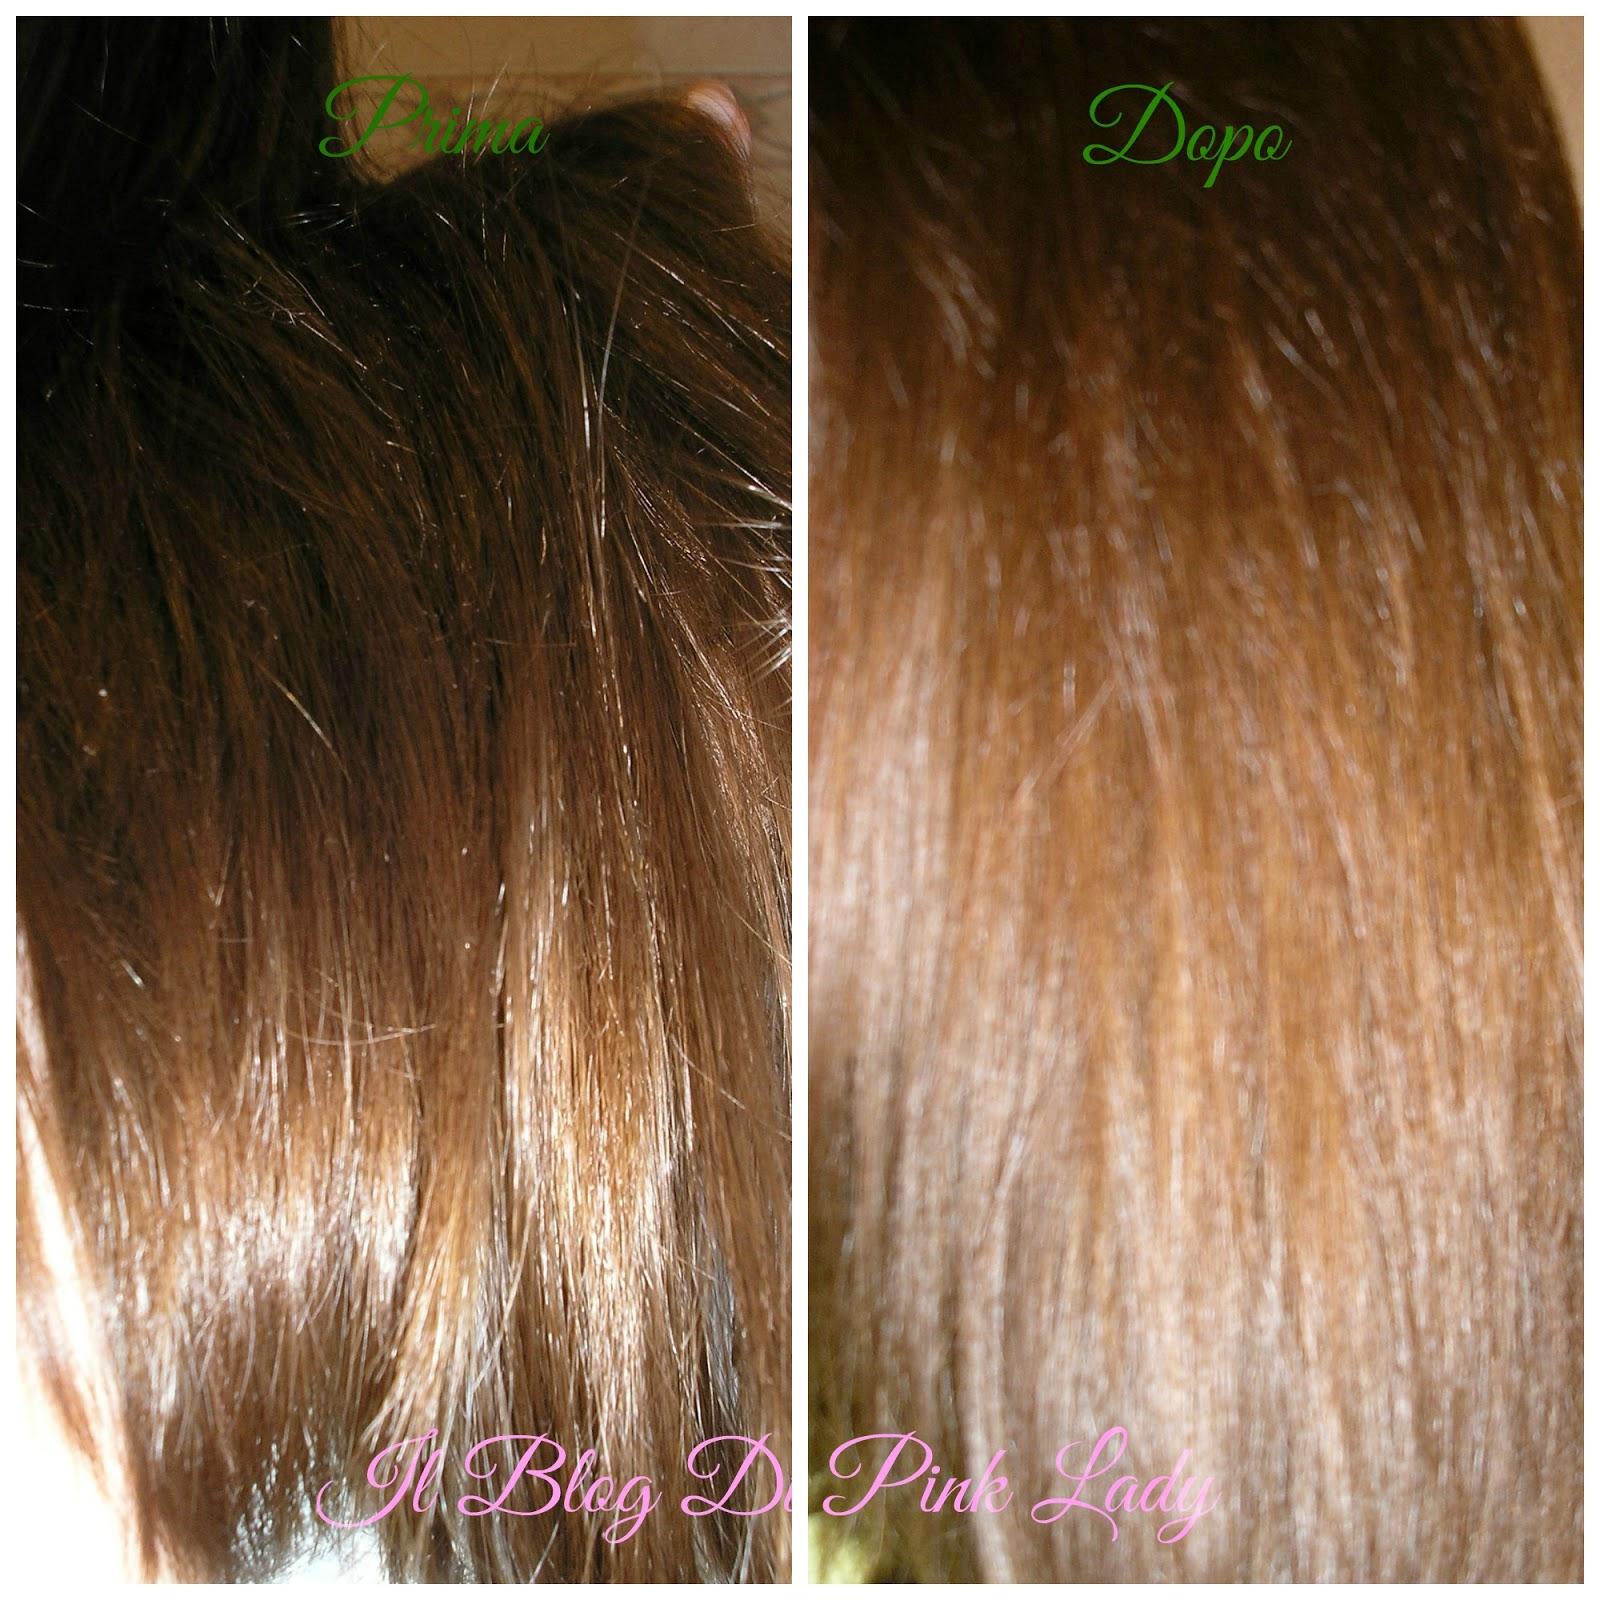 Shampoo colorante biondo su capelli castani